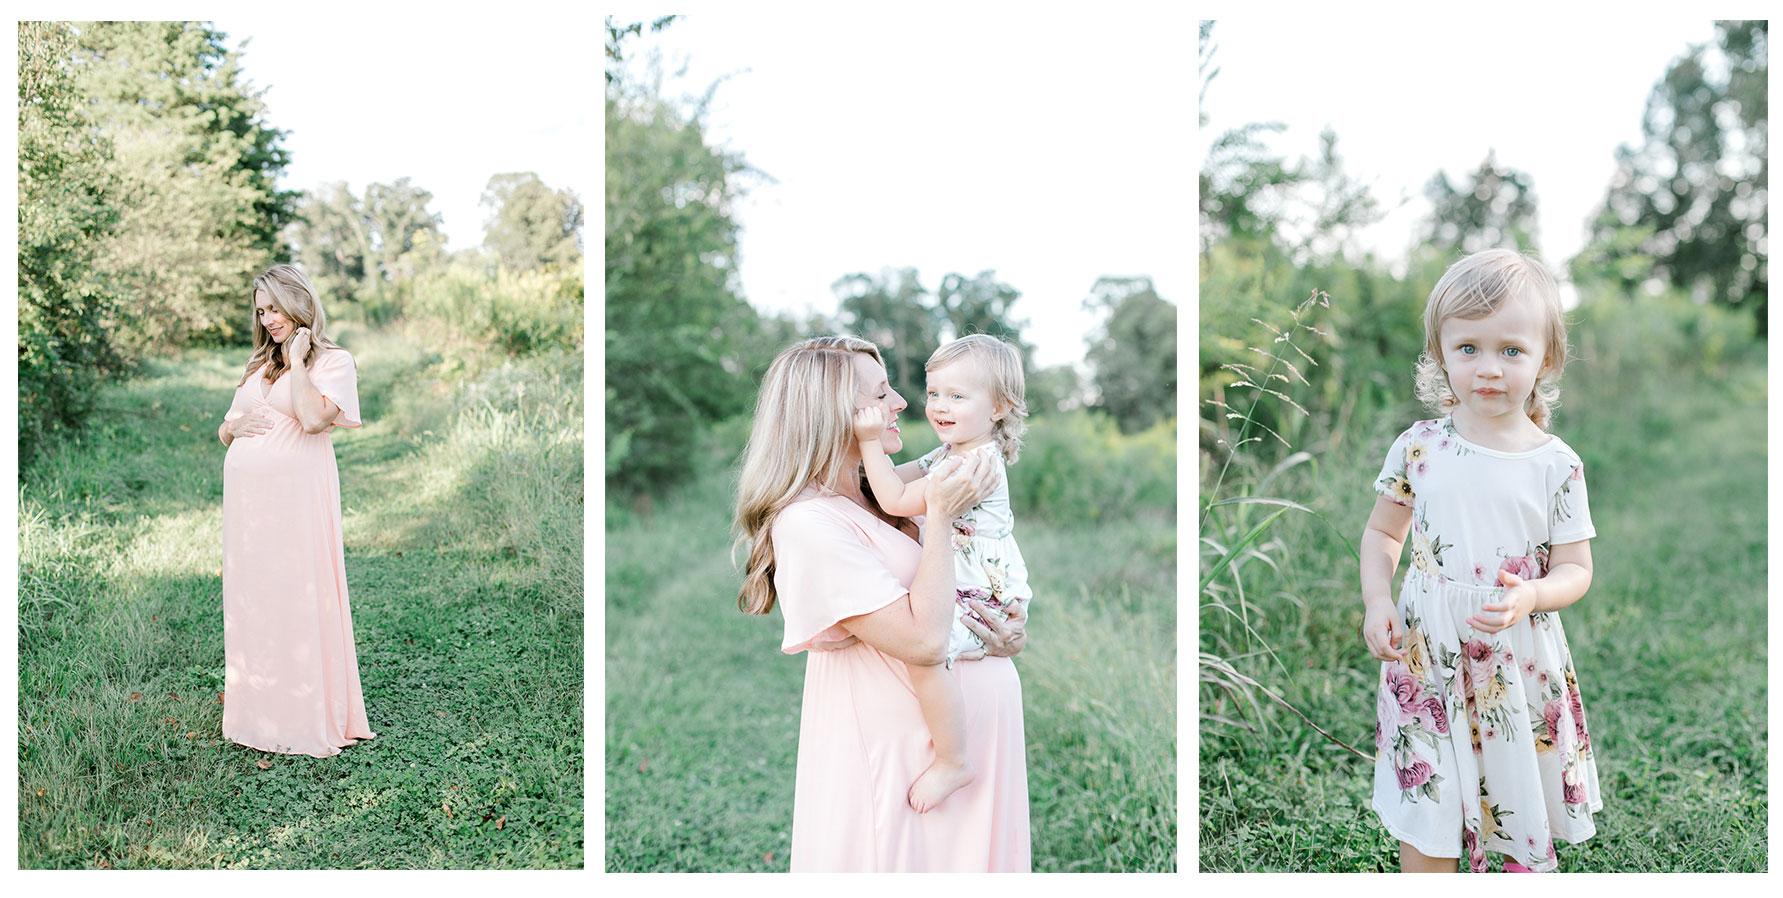 Maternity photos North Carolina